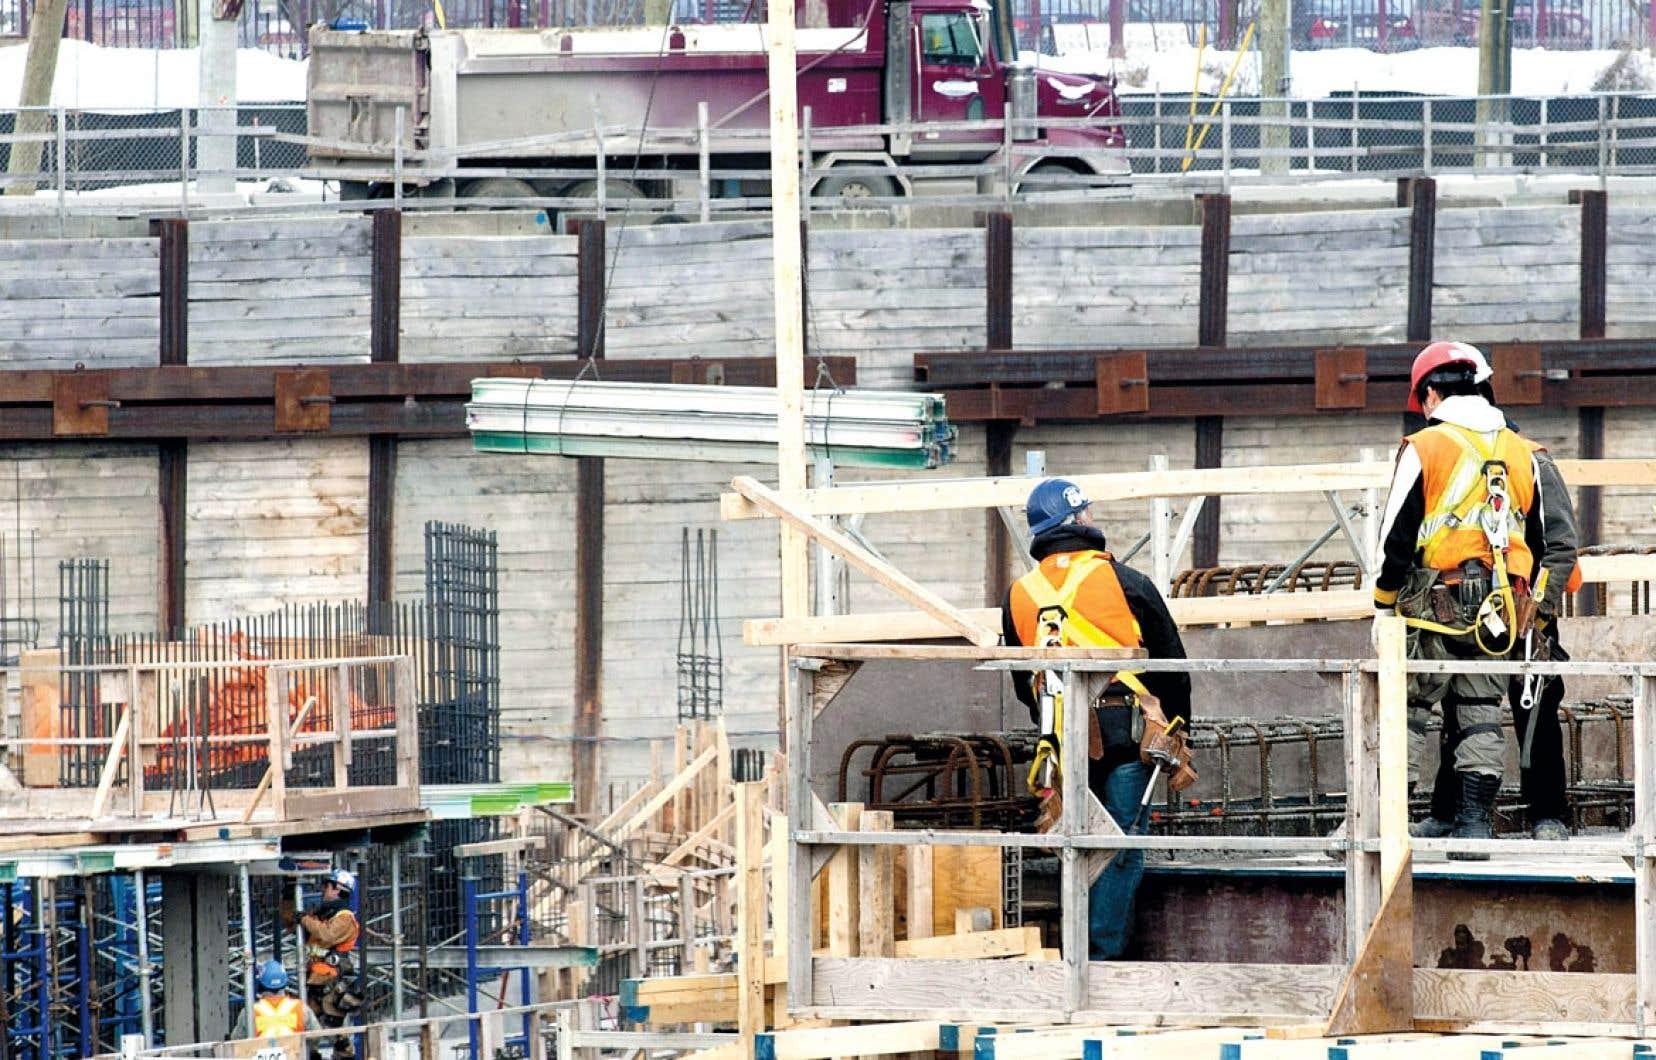 L'UPAC mène actuellement plusieurs enquêtes afin de détecter la collusion dans la construction.